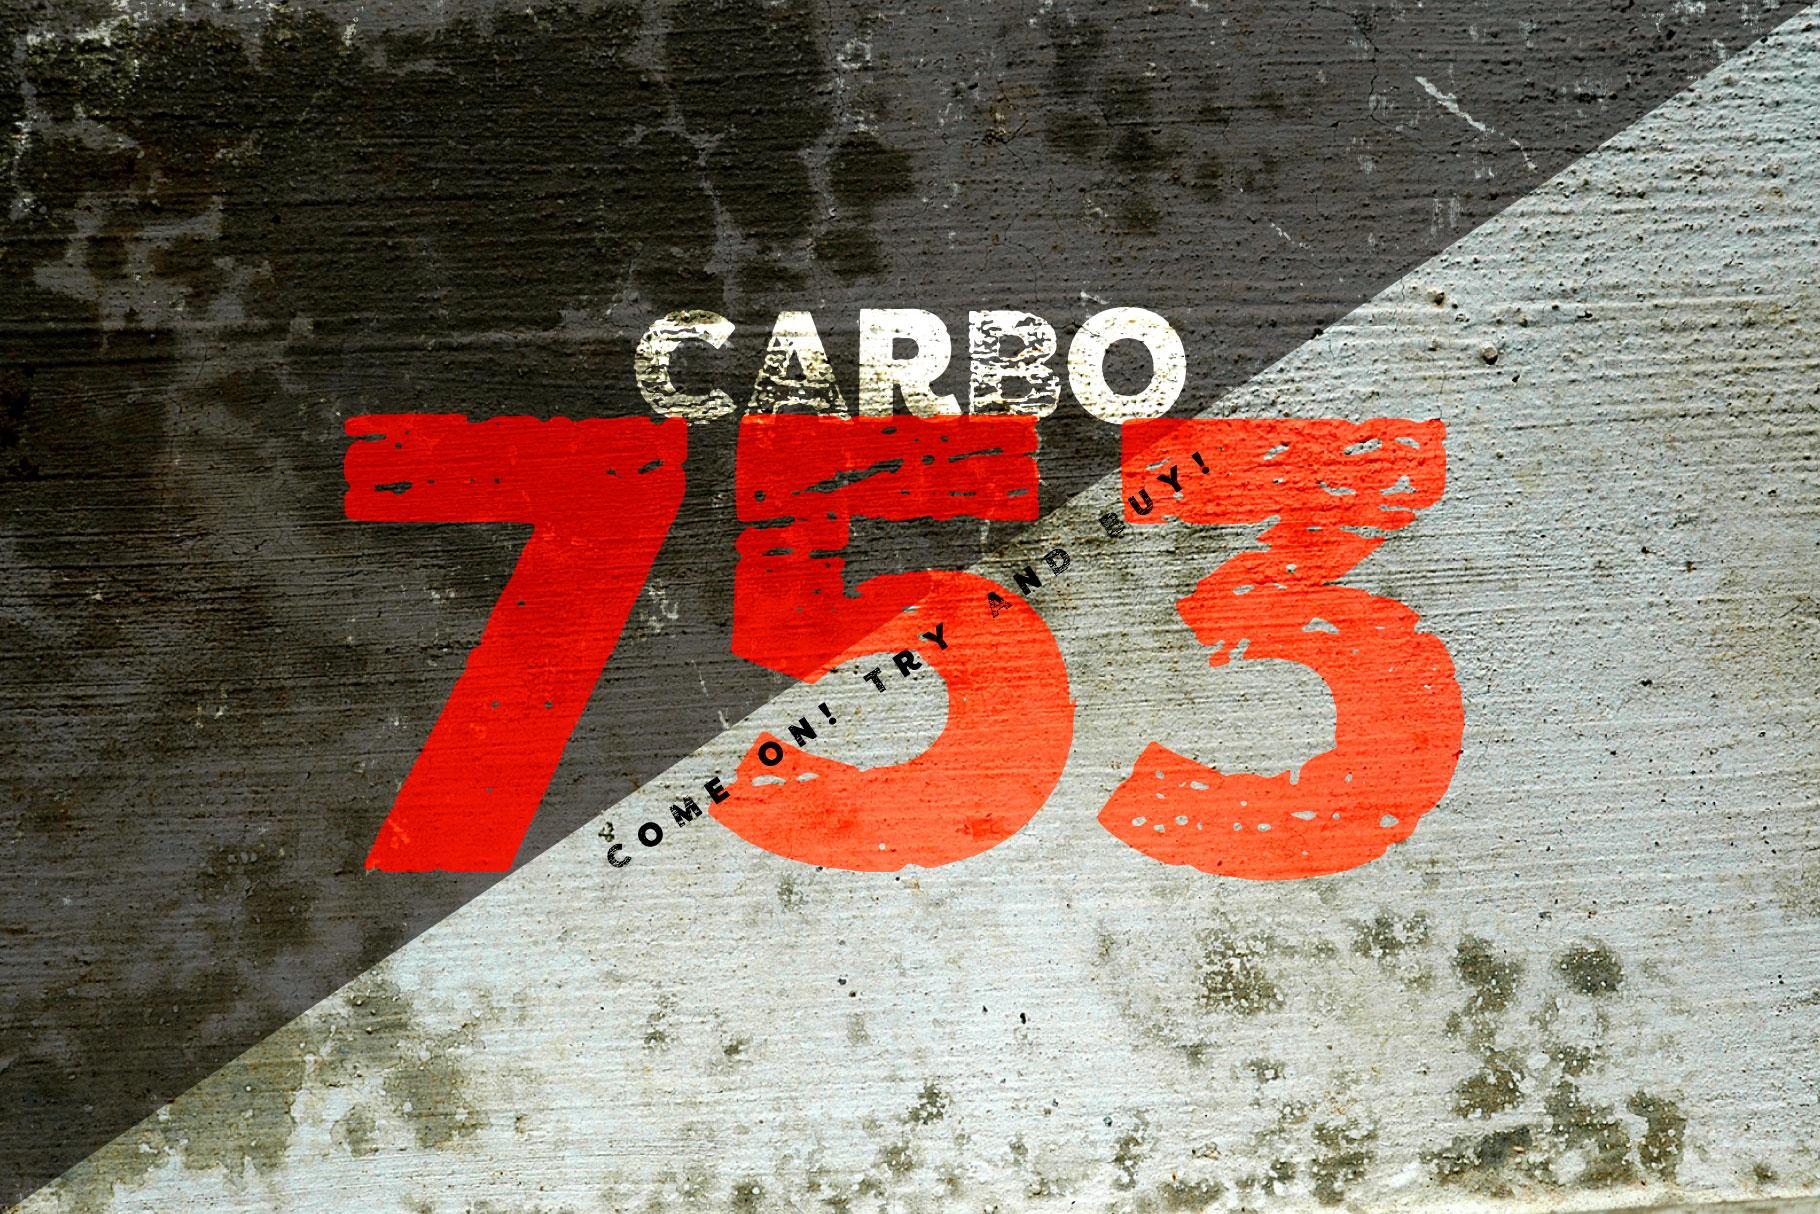 vtks carbo 753